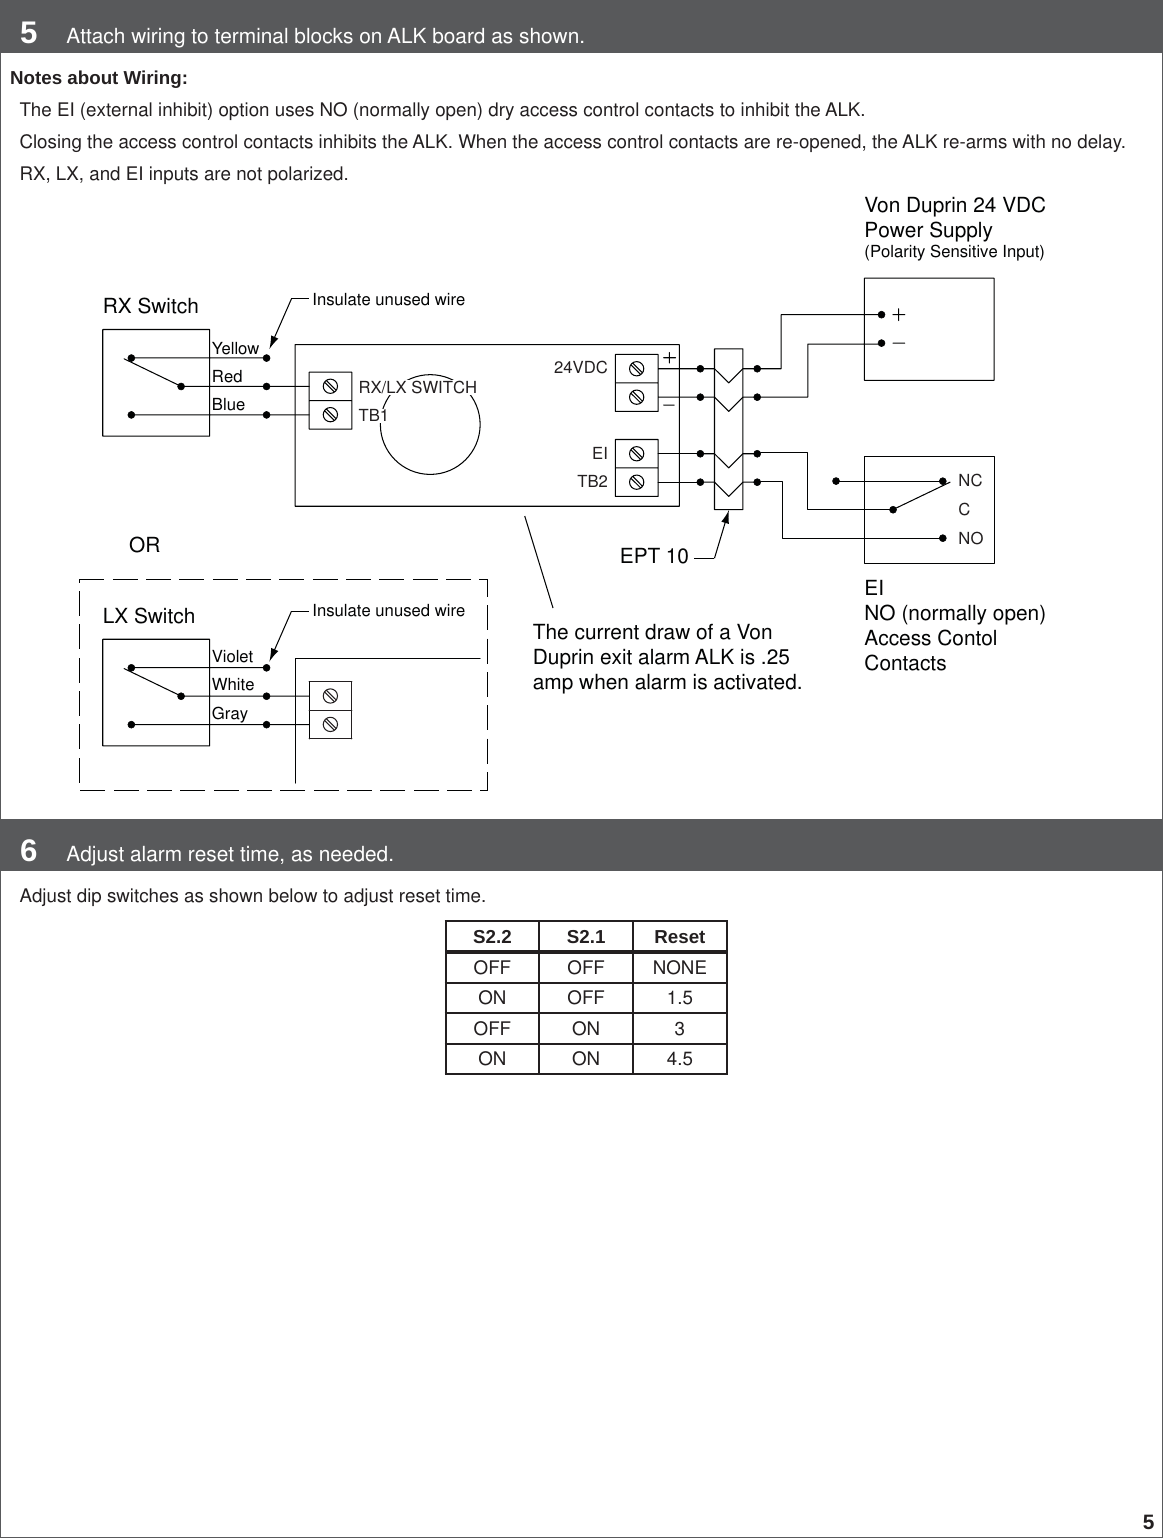 Edenpure Gen 3 Wiring Diagram Library Von Duprin Harness Detailed Schematics Rh Drrobertryandundee Com